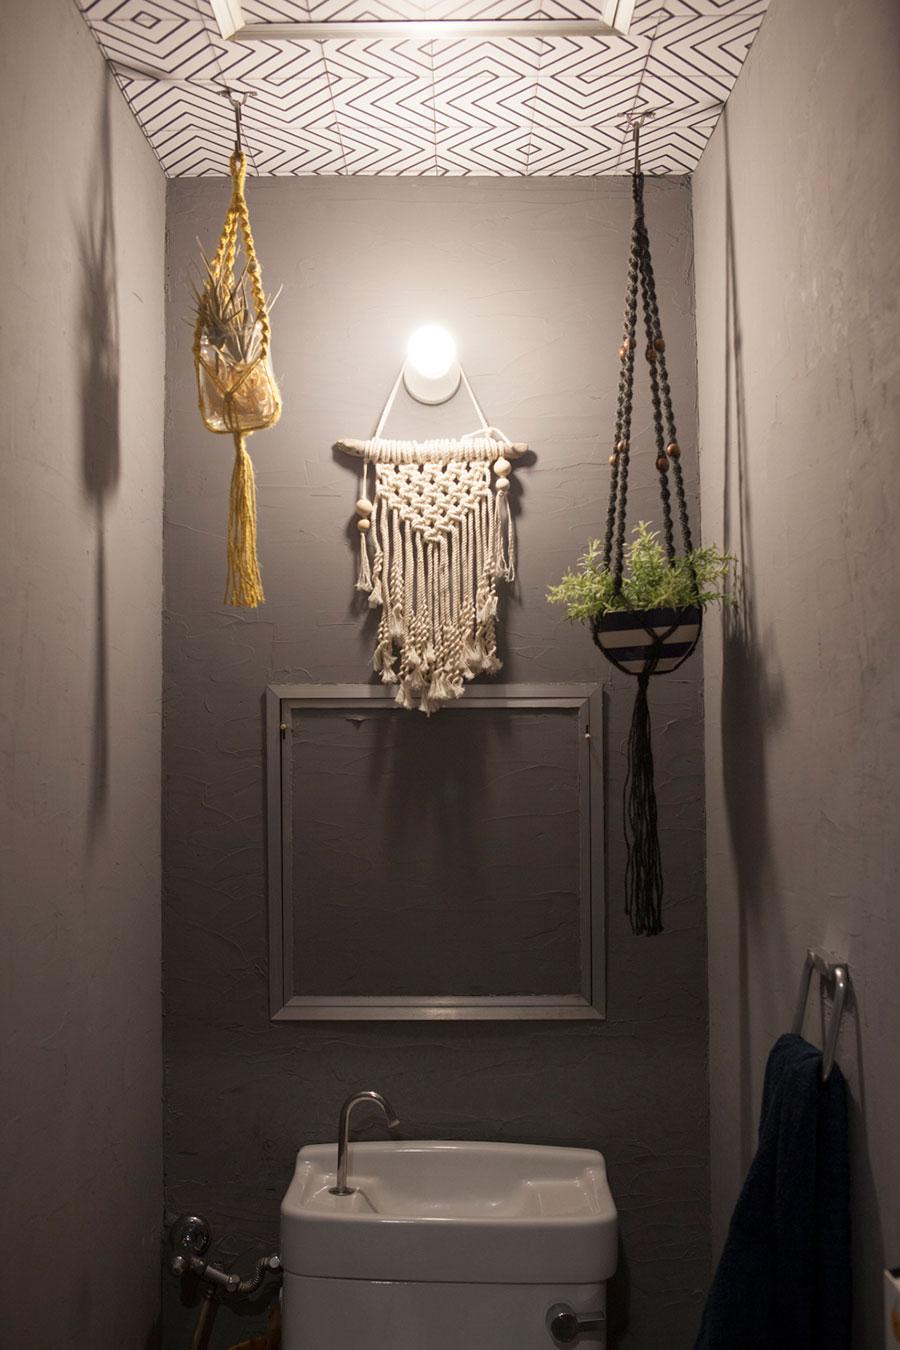 トイレもDIYと手づくりのマクラメで気分のあがる場所に。壁を照らす照明が幻想的。